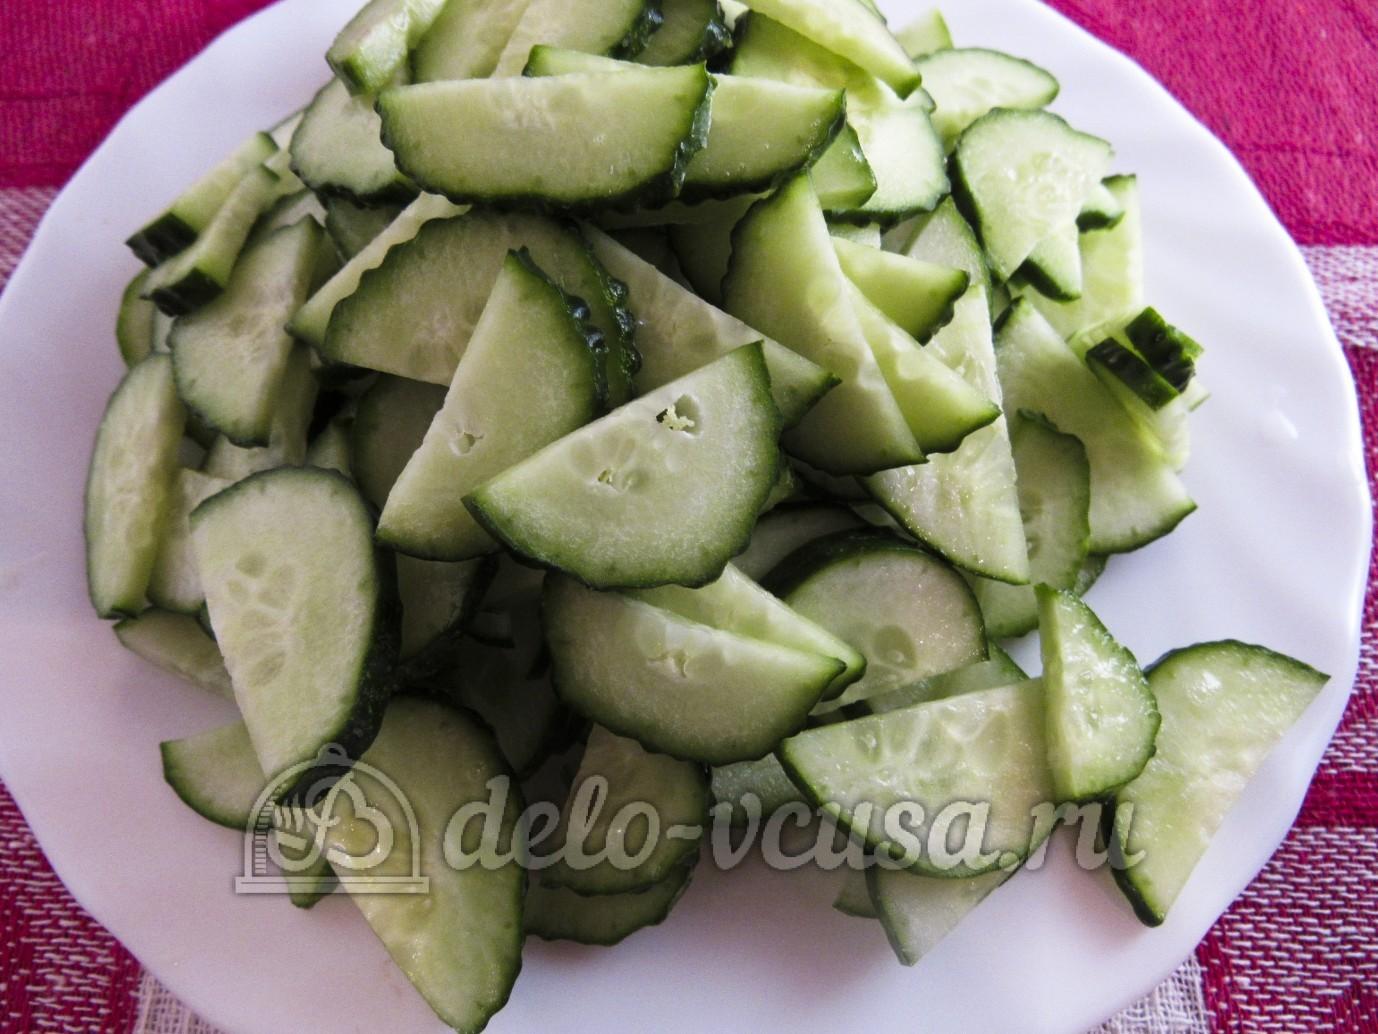 Салат из капусты и огурцов с уксусом: Огурцы порезать